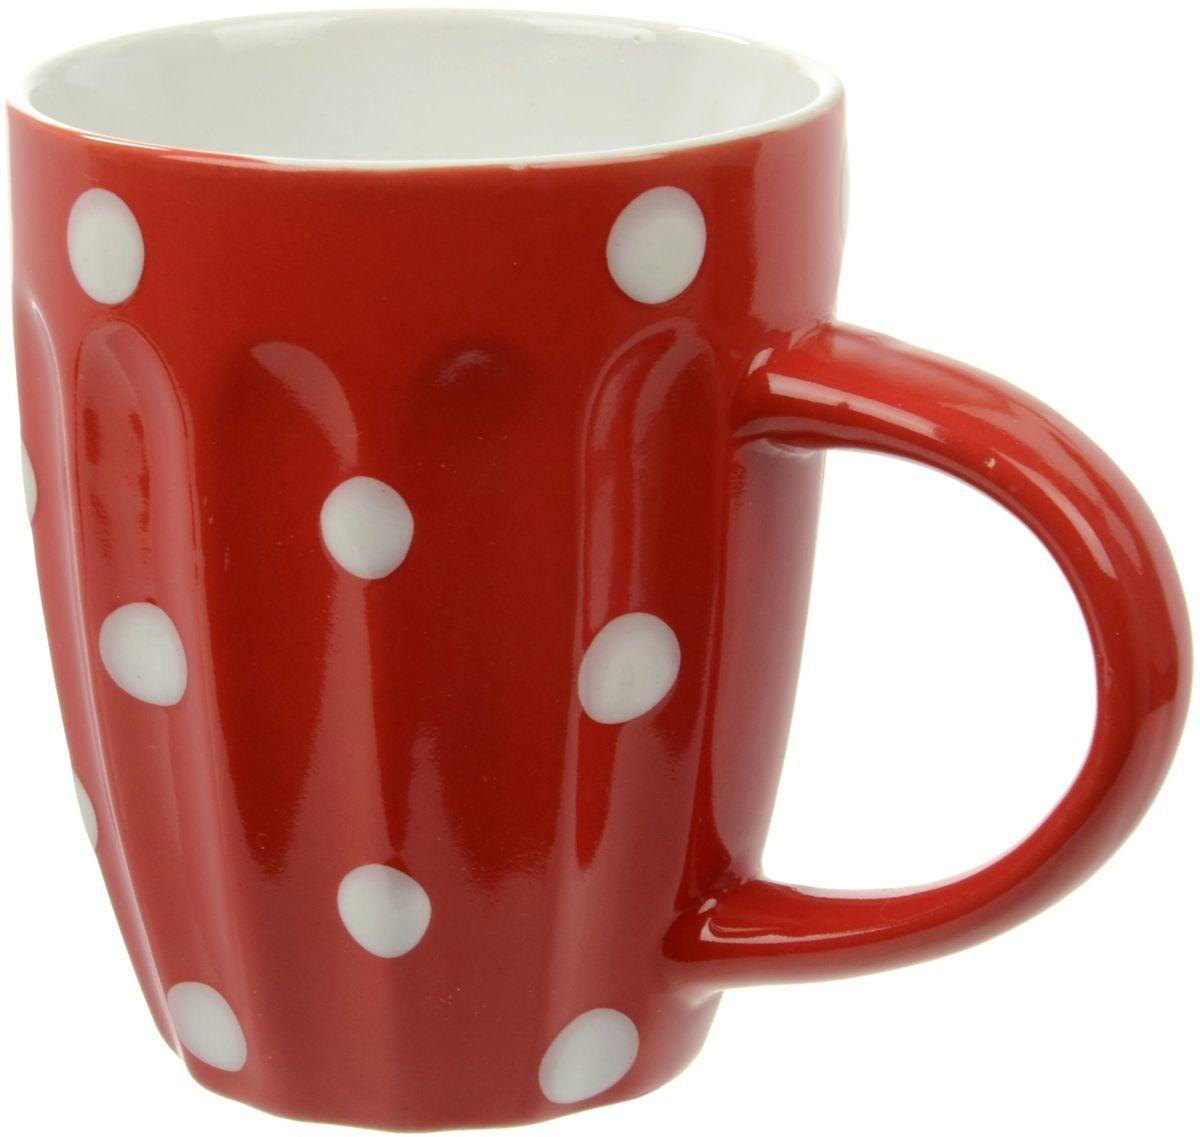 Кружка Elff Decor Горошек, цвет: красный, 330 мл115510Кружка из коллекции Breakfast - это оригинальная керамическая посуда, идеальна подойдет для завтрака. Начинайте свой день с нашей яркой посуды, бодрого вам утра!